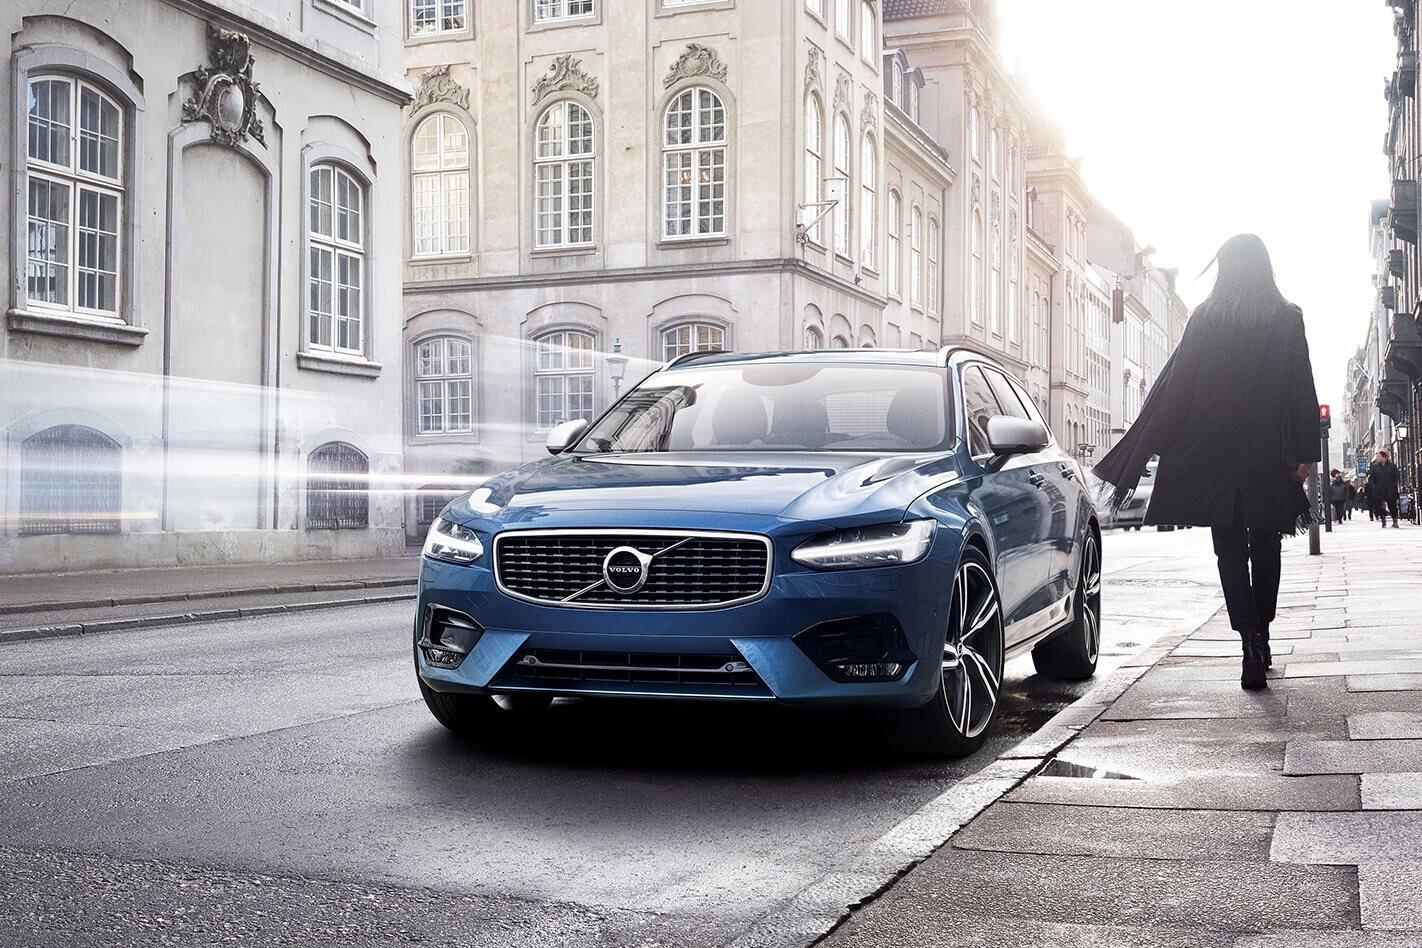 2017 Volvo S90 T6 R-Design arrives in Australia